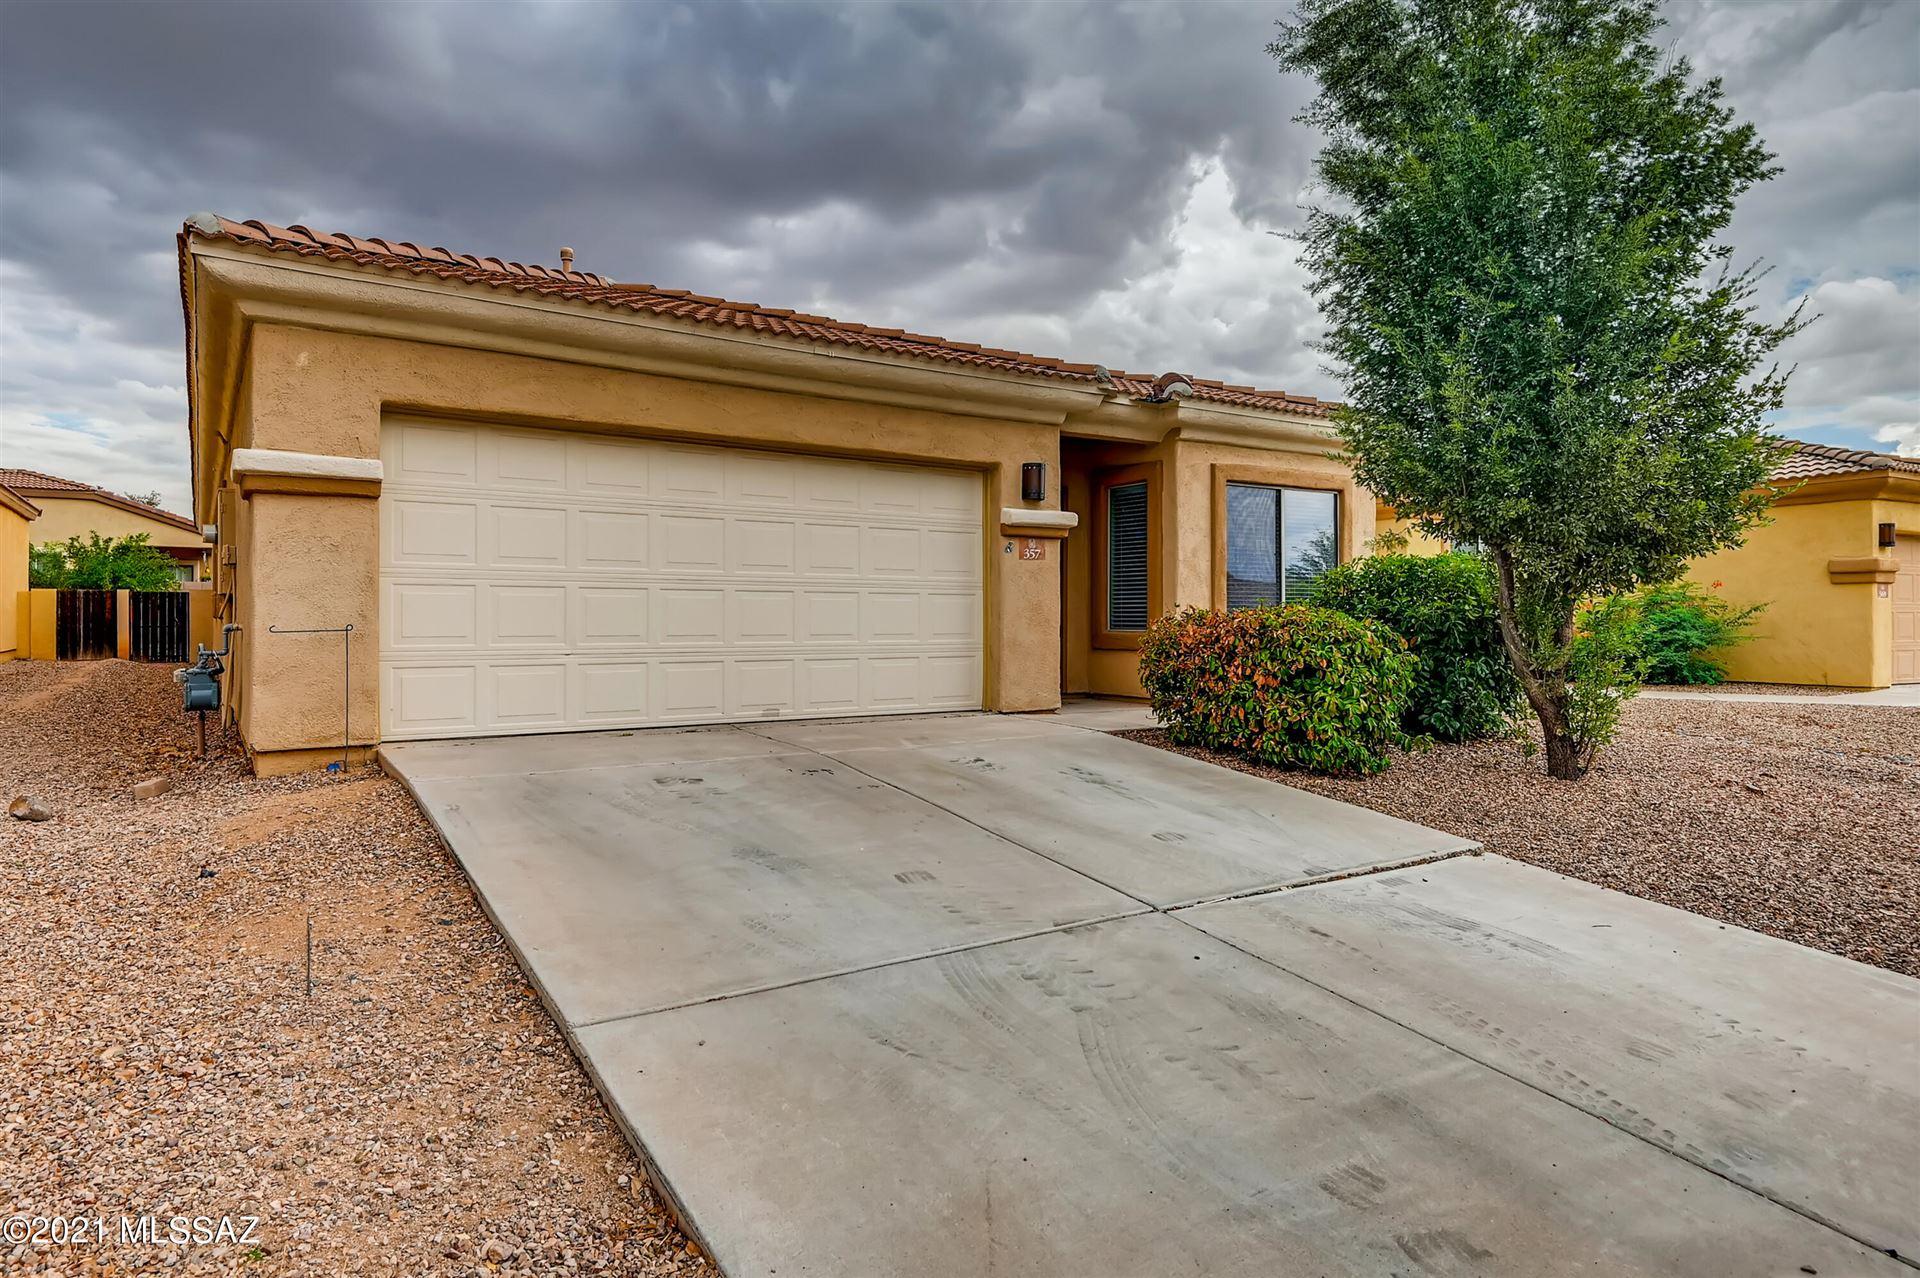 357 E Camino Rancho Redondo, Sahuarita, AZ 85629 - MLS#: 22117318